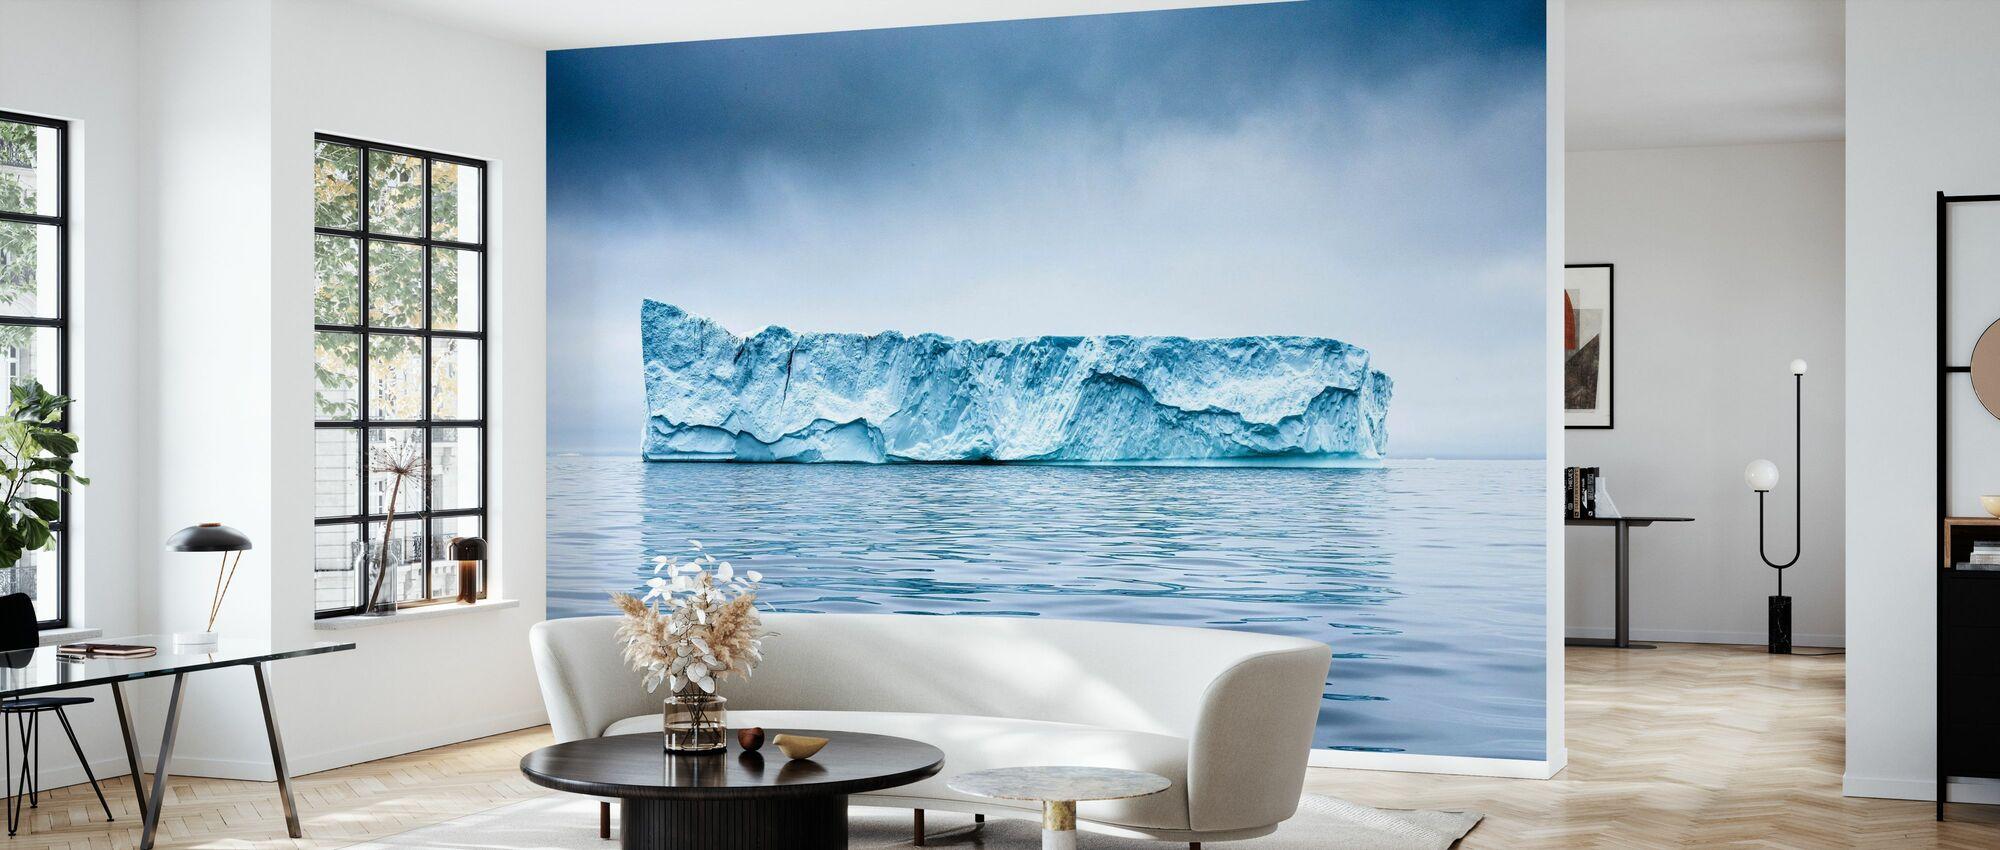 Rothko Mountain - Wallpaper - Living Room